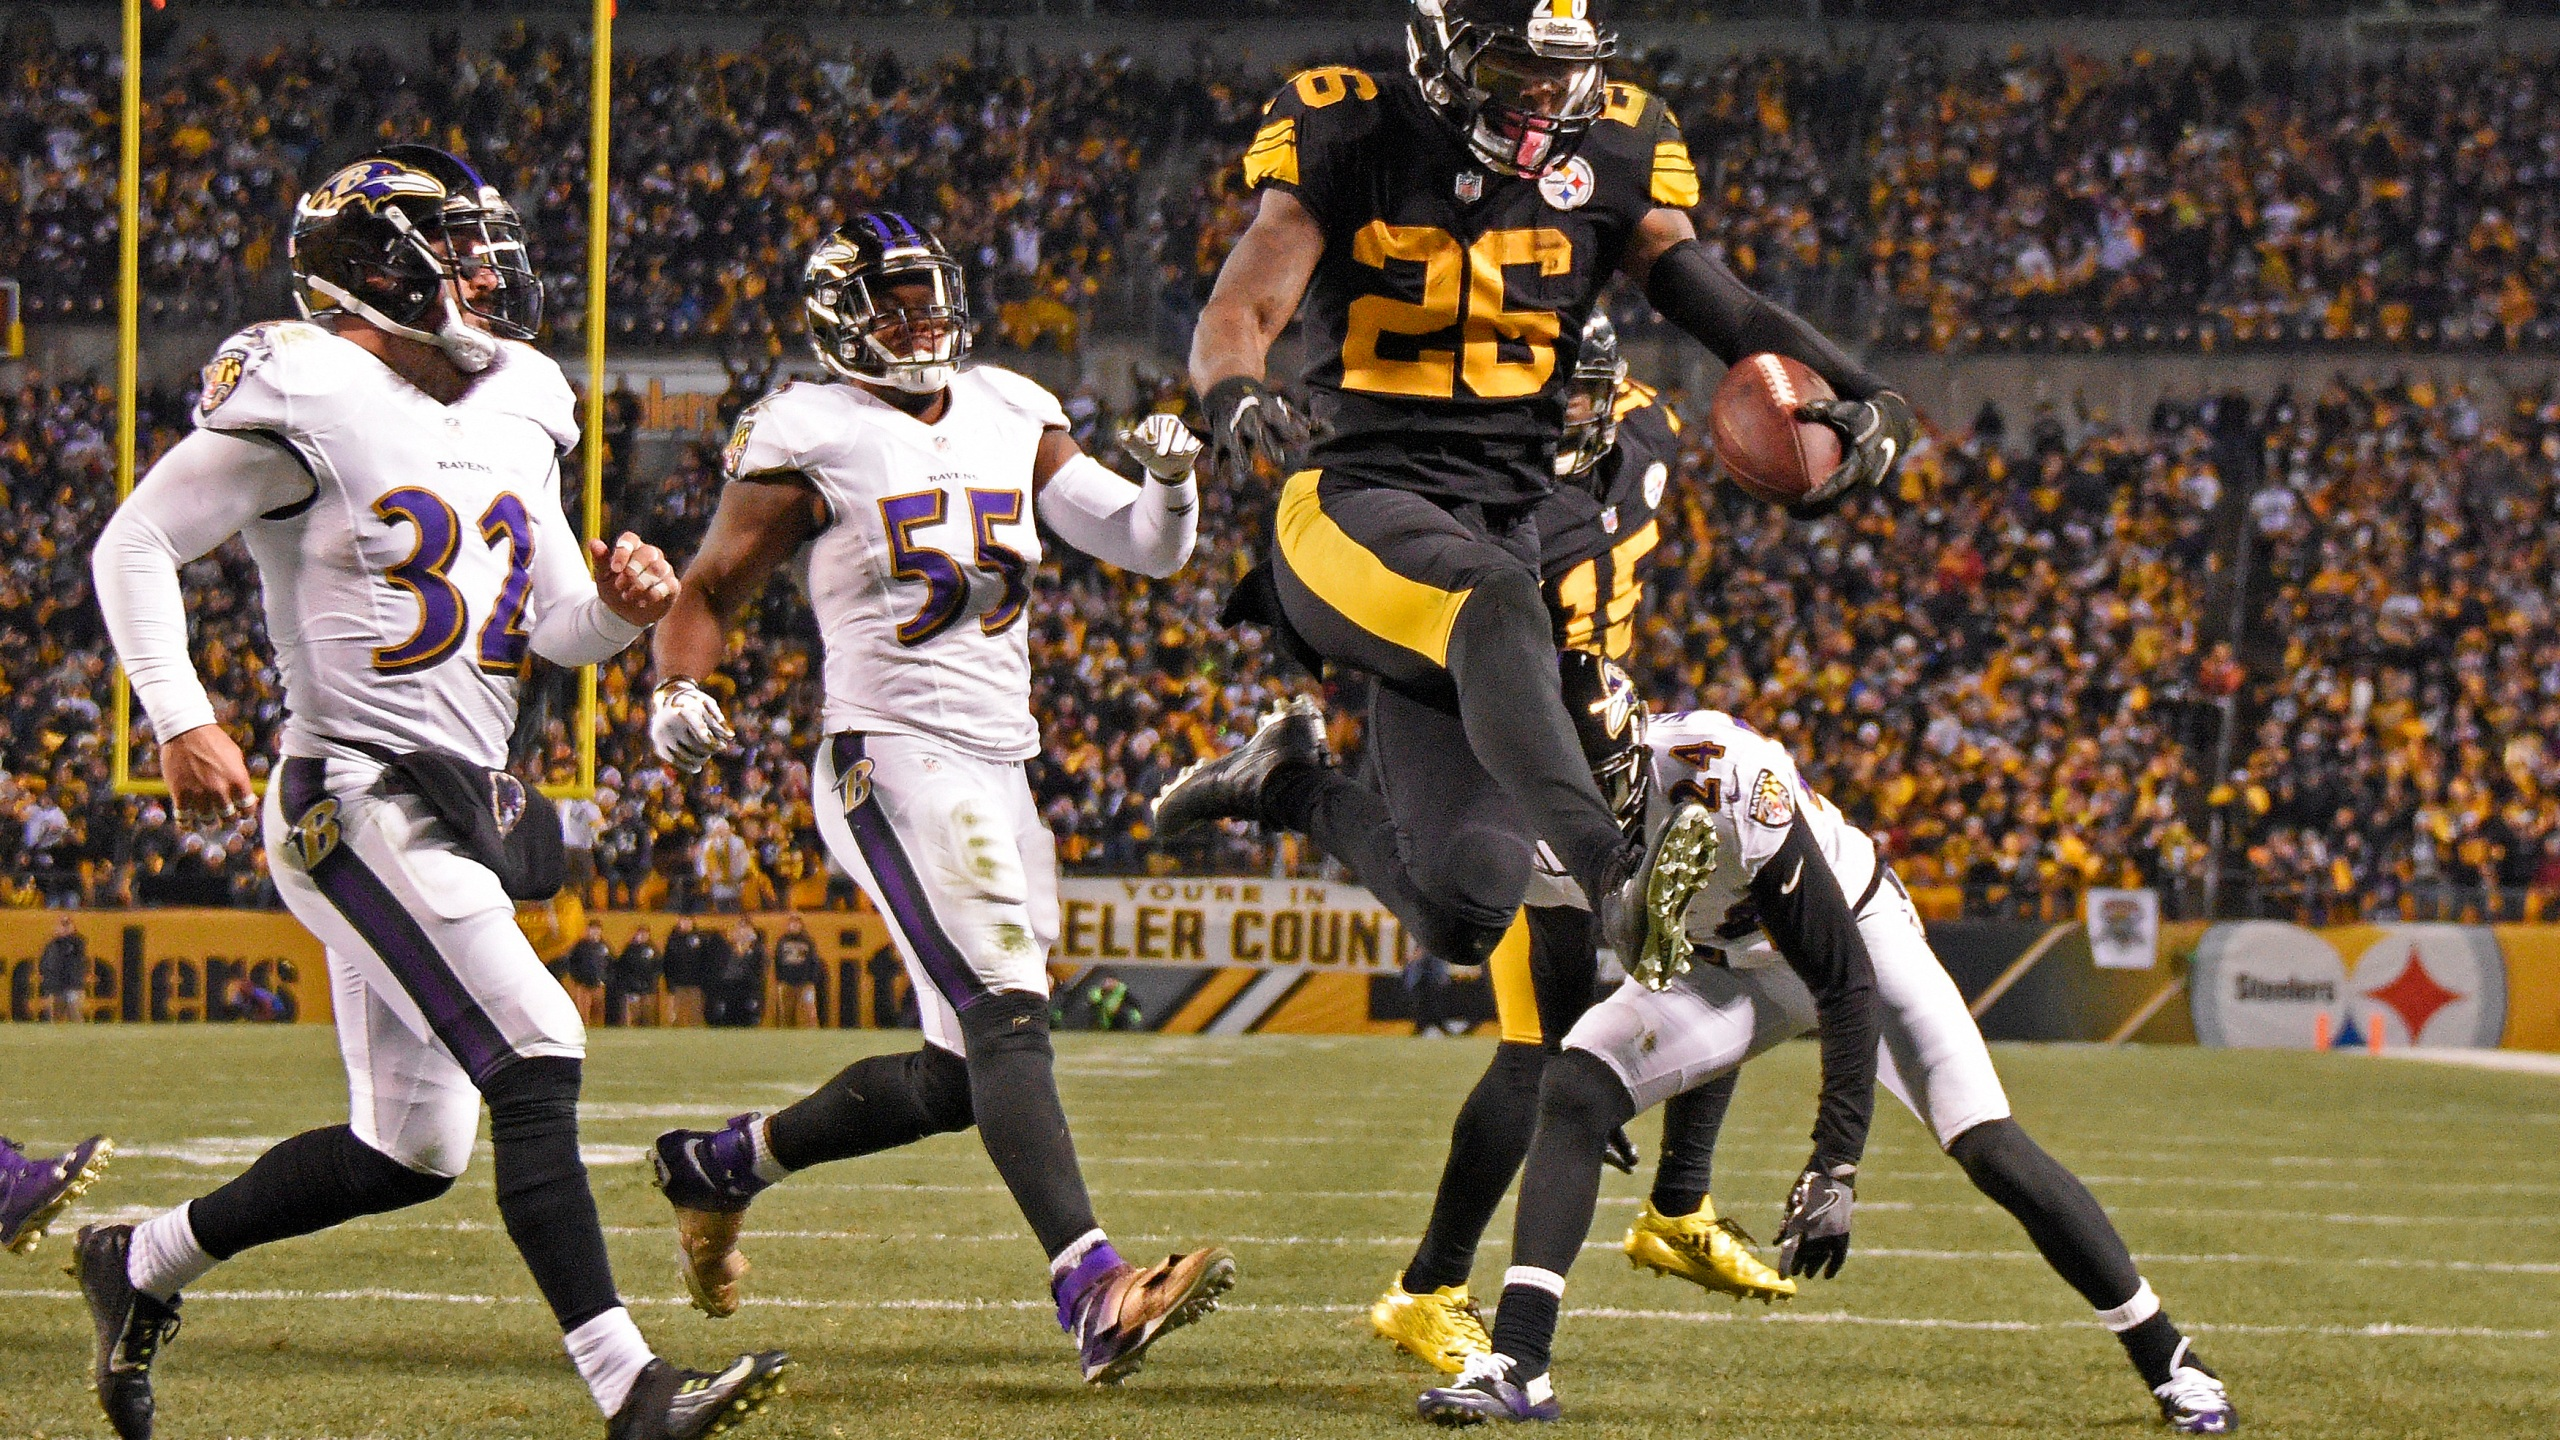 Steelers_Bell_Football_52118-159532.jpg50152631